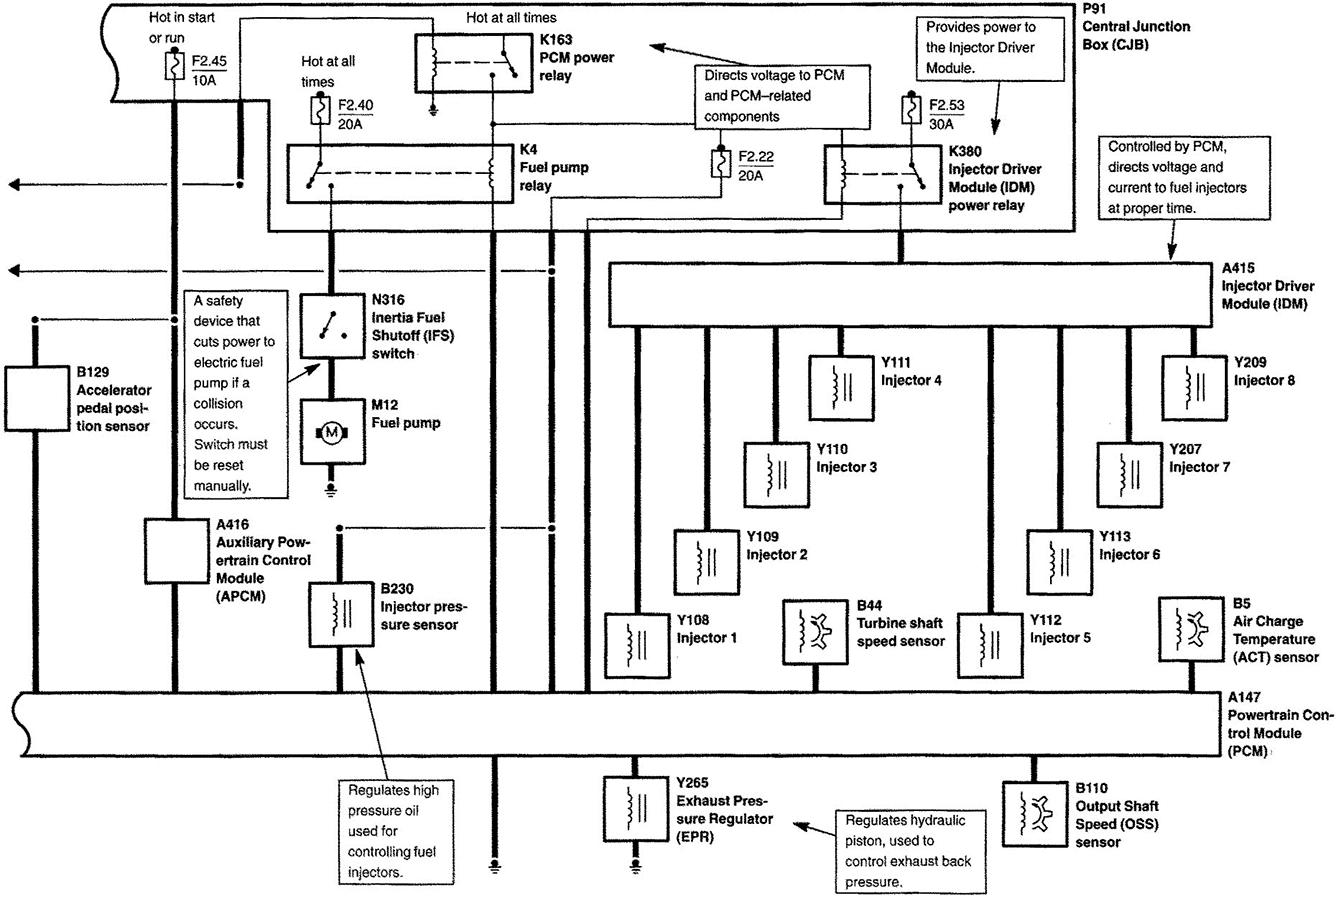 2002 ford f 250 engine wire diagram hy 3964  07 f550 wiring diagram for trailer  hy 3964  07 f550 wiring diagram for trailer